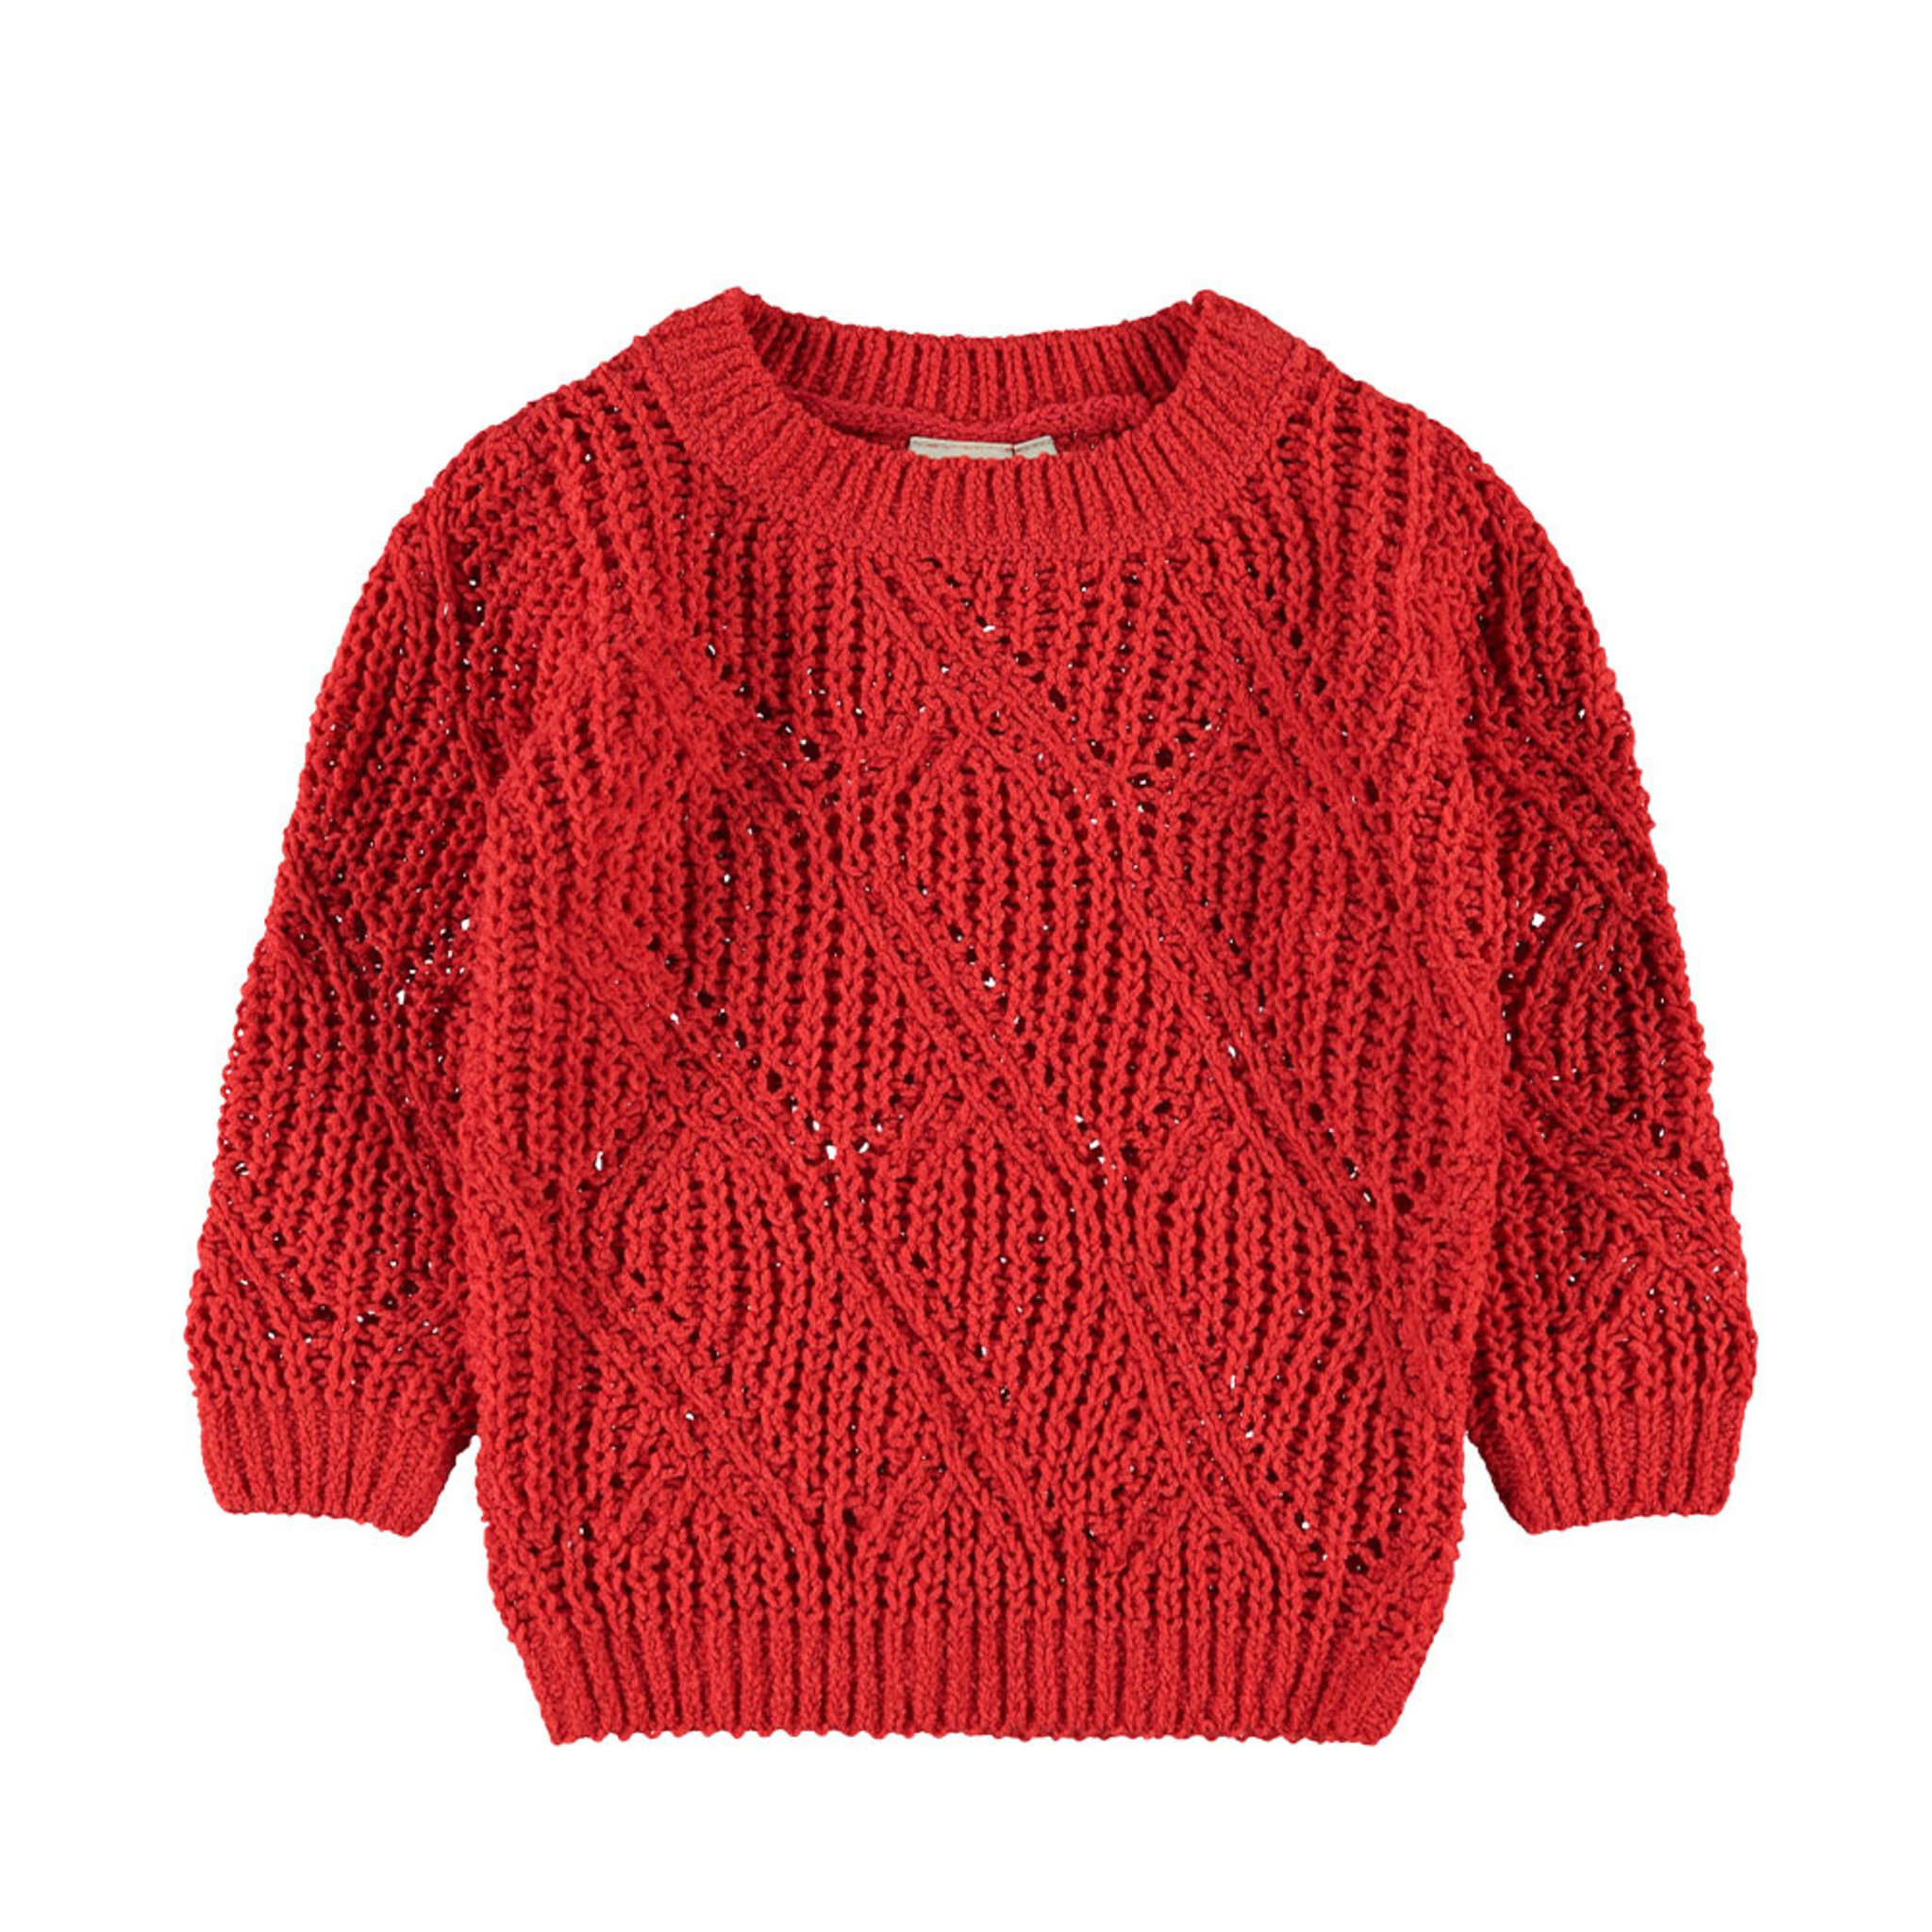 Långärmad mönsterstickad tröja